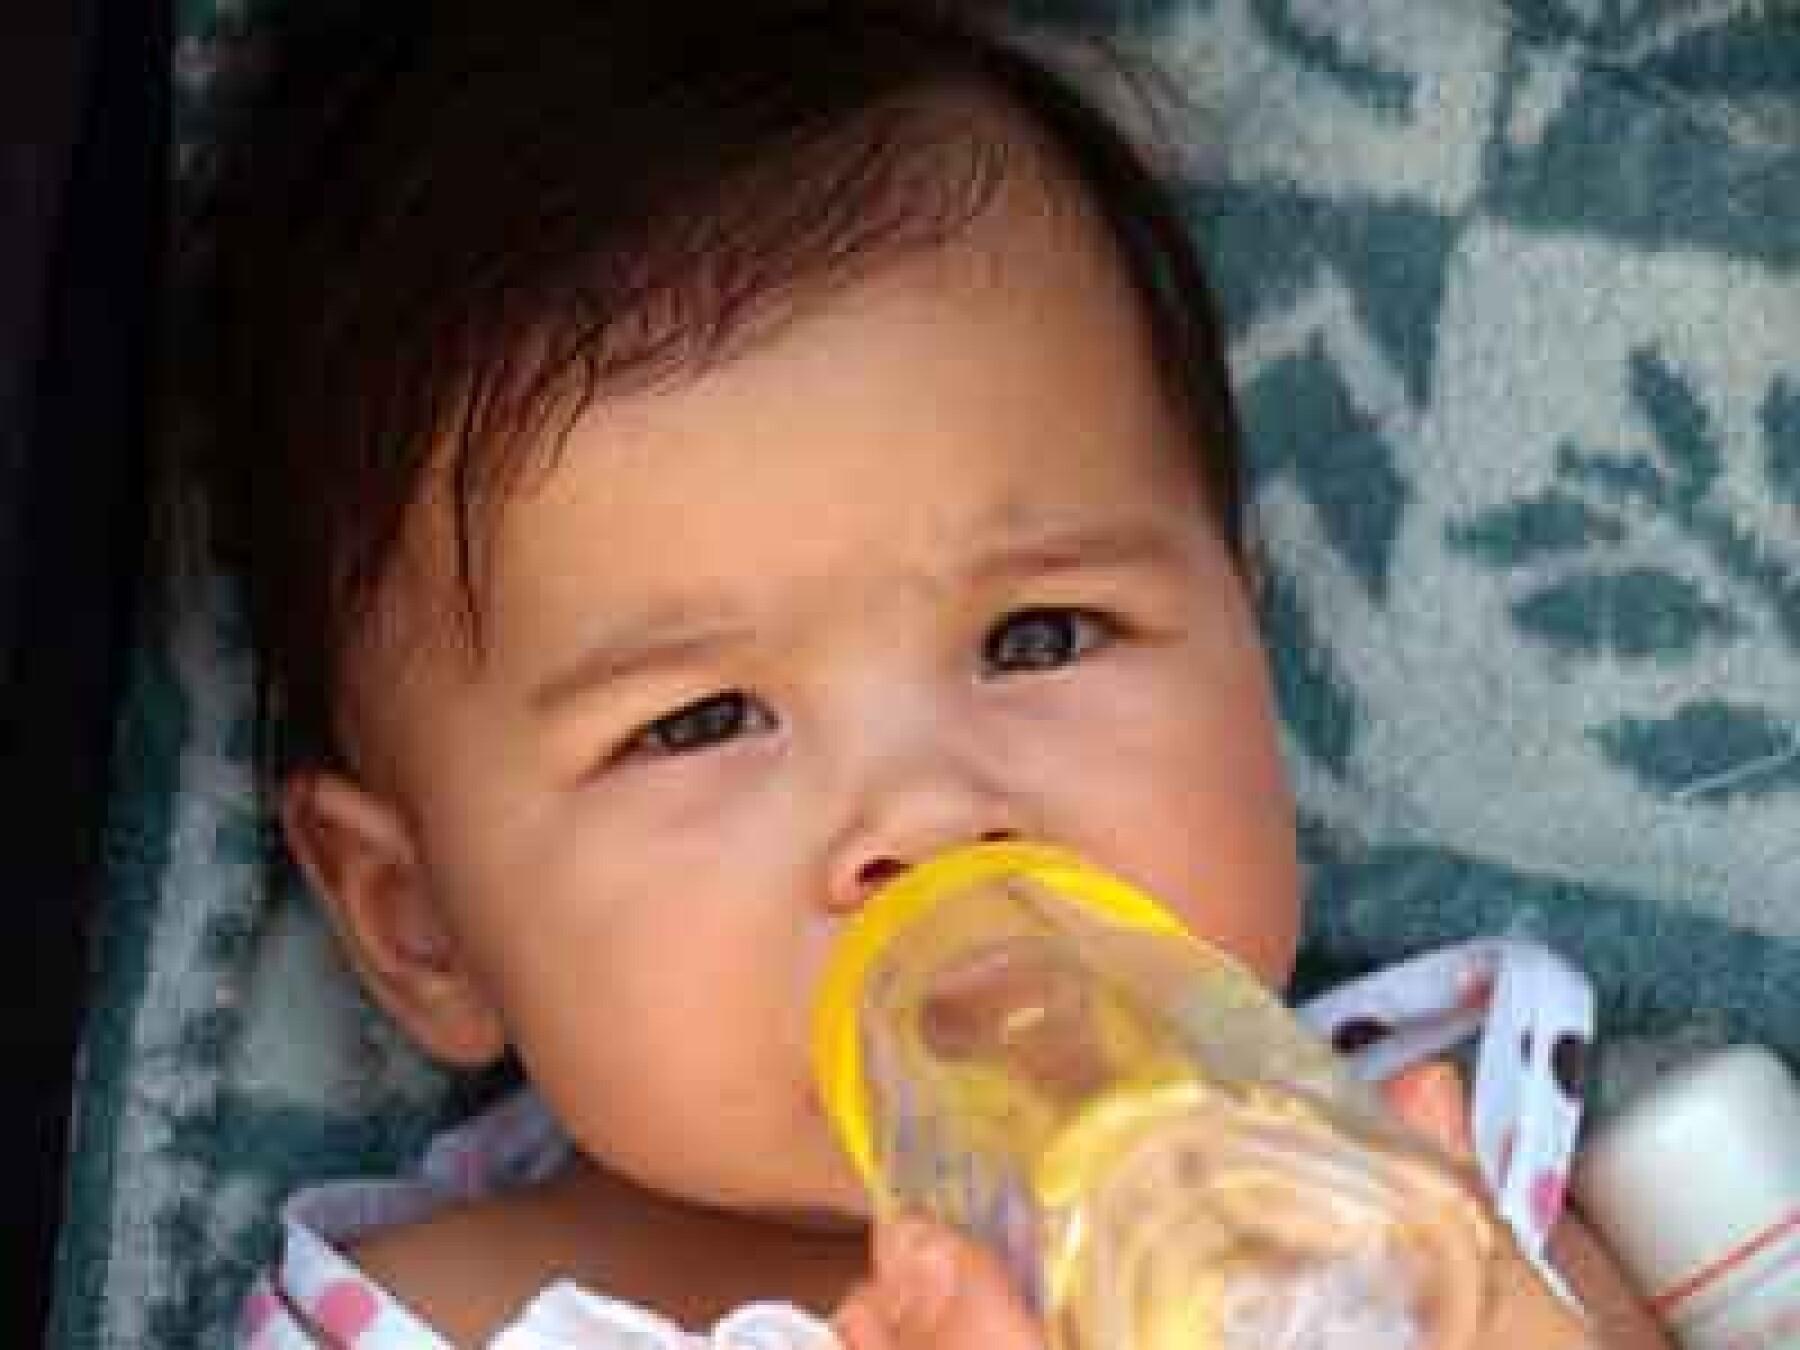 Déshydratation : prudence avec un bébé